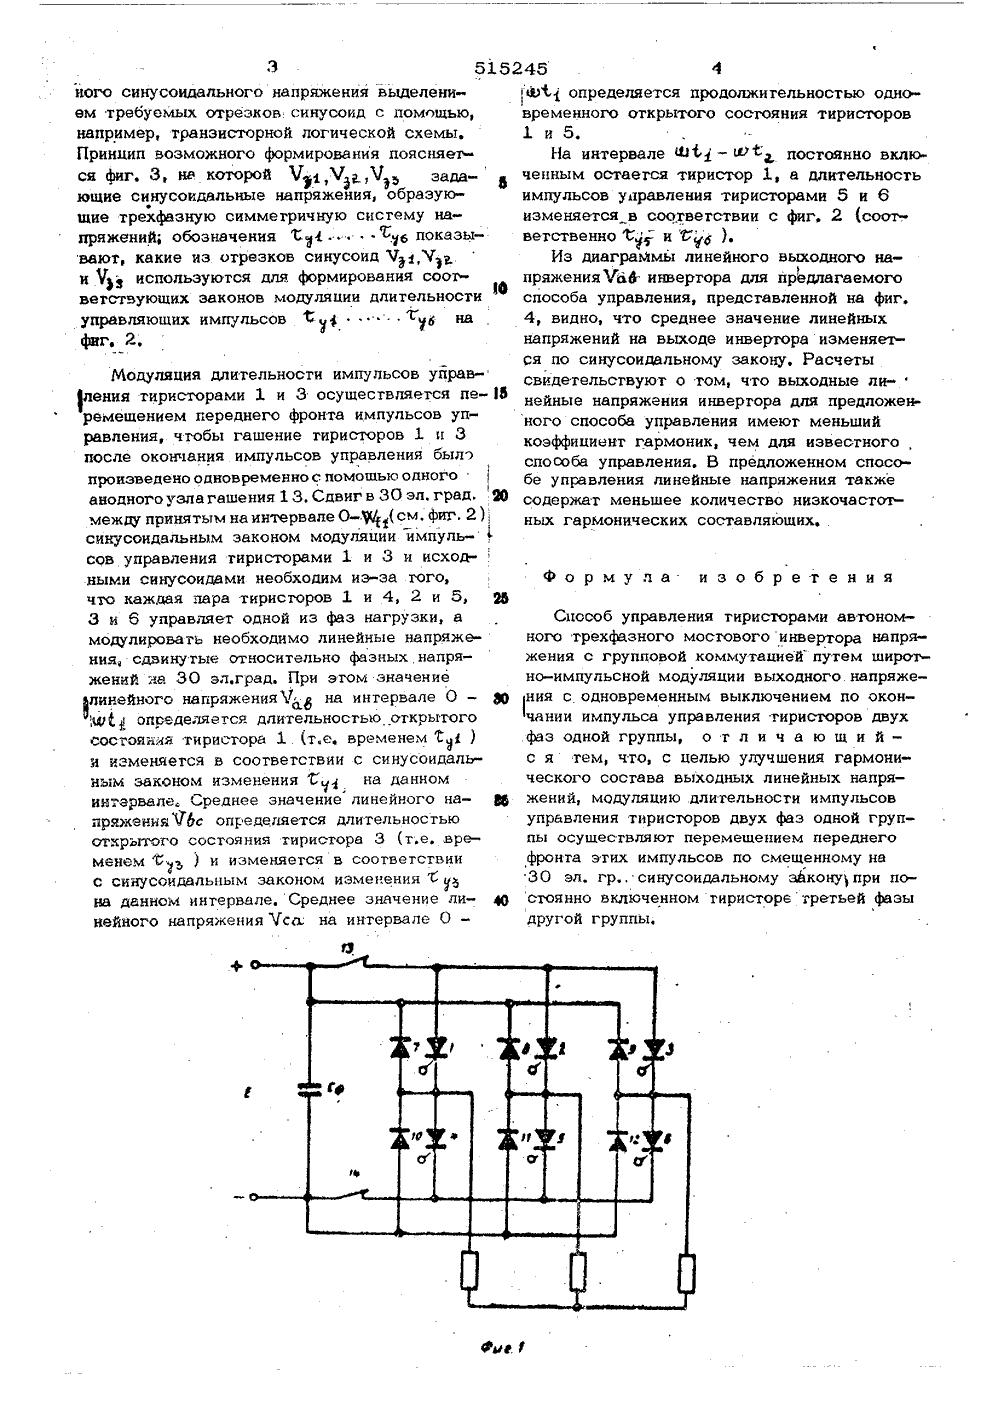 Фазная схема управления тиристором